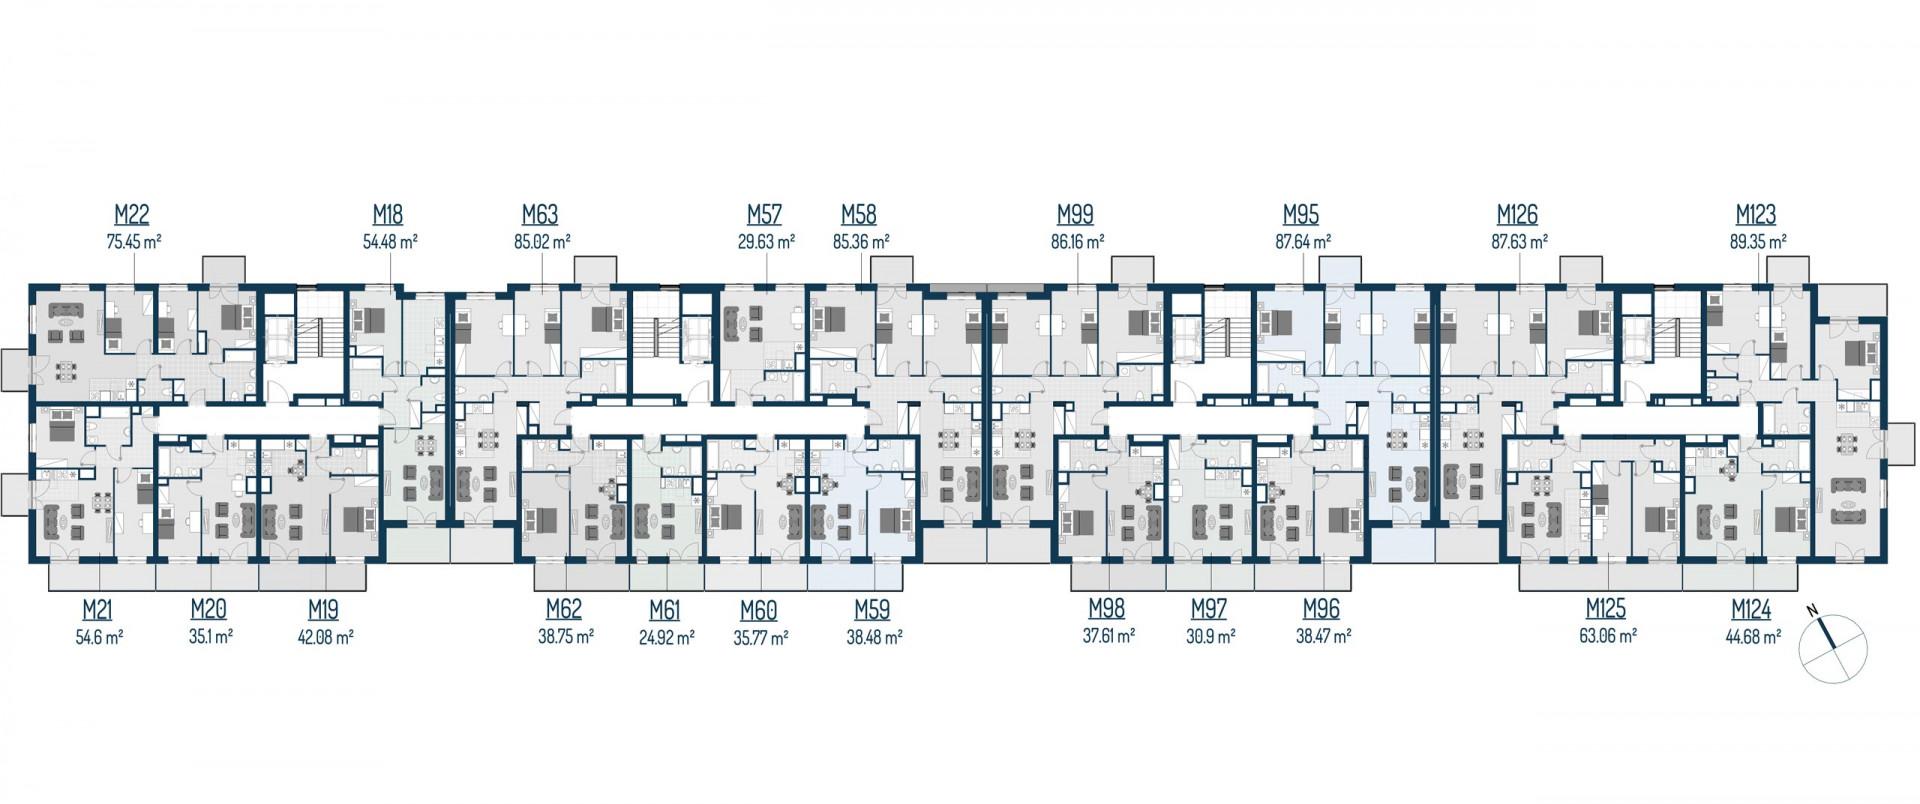 Zdrowe Stylove / budynek 2 / mieszkanie nr 125 rzut 2